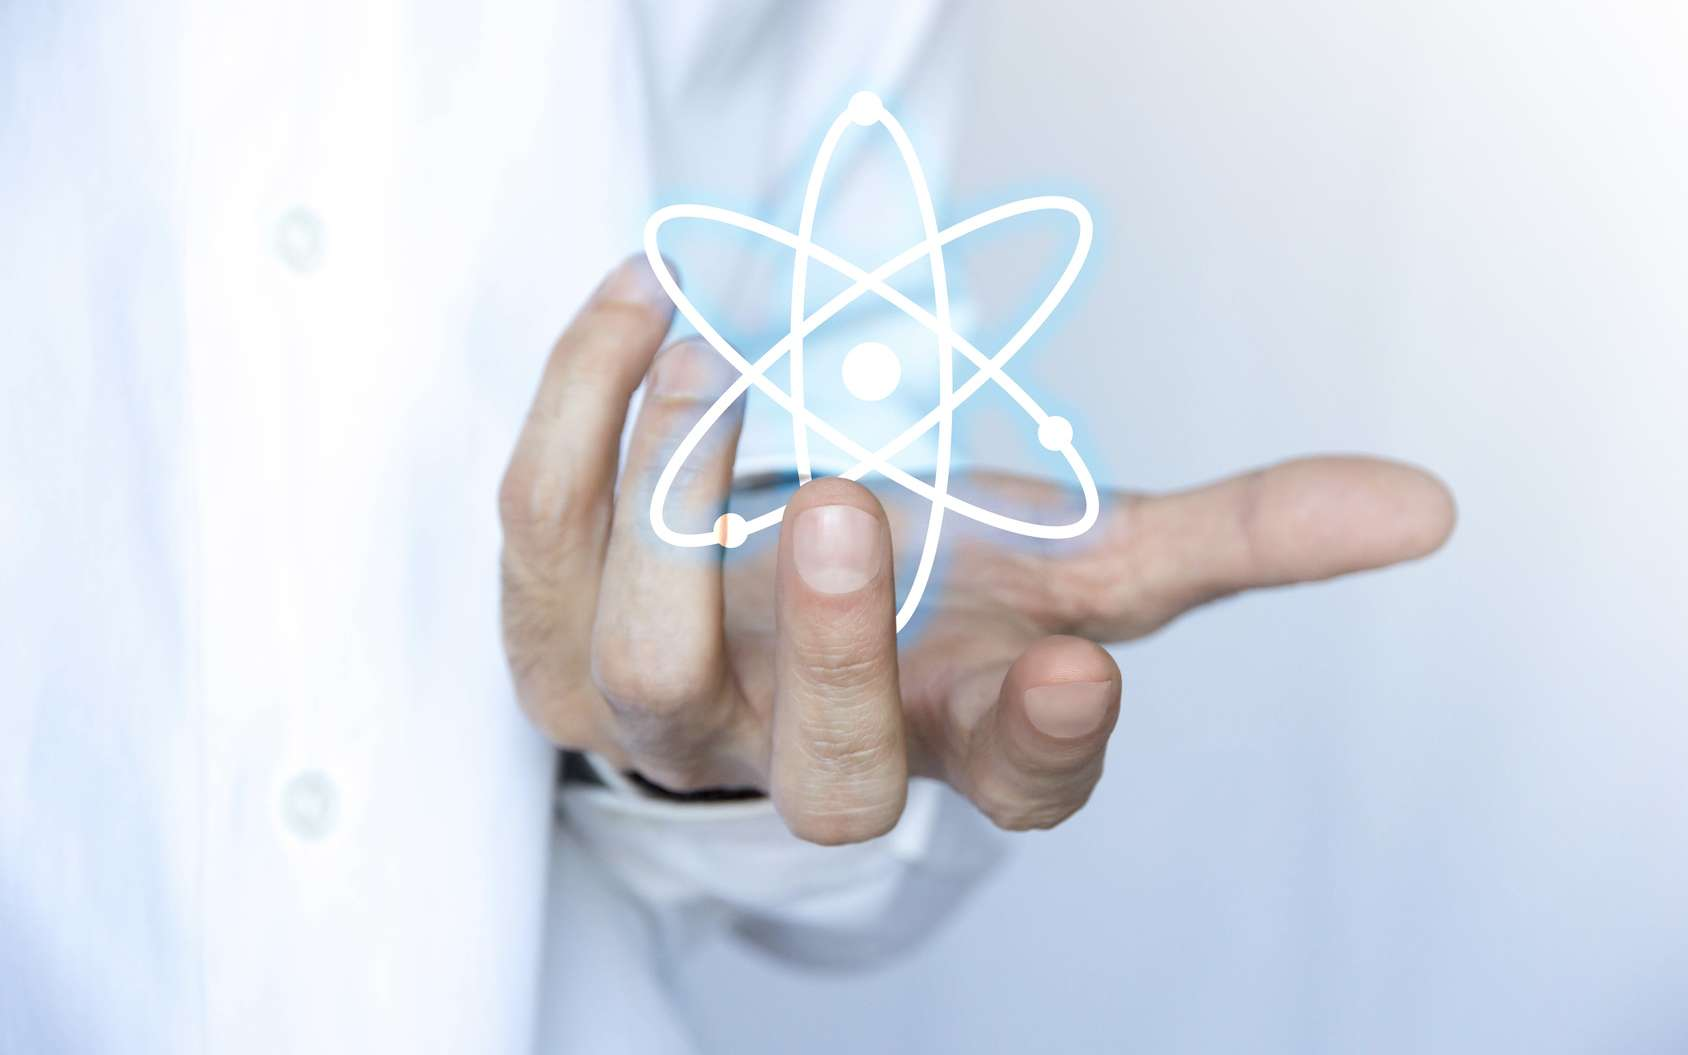 Le physicien tente de comprendre les lois fondamentales de la nature ou de trouver des applications innovantes à ses découvertes via l'élaboration de prototypes. © MG, Fotolia.